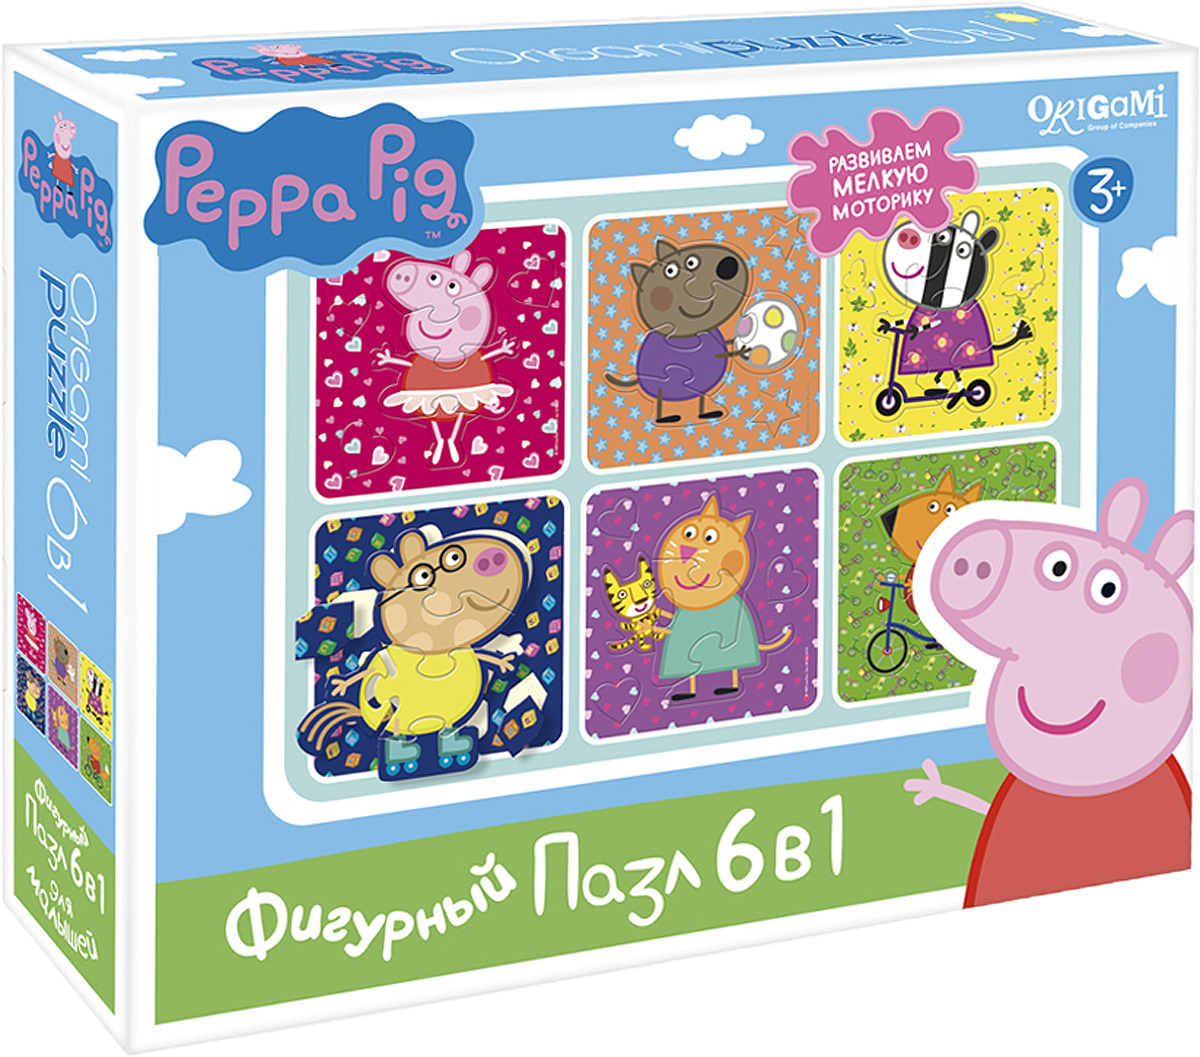 Peppa Pig Пазл для малышей Хобби 6 в 1 peppa pig пазл супер макси 24a контурный магниты подставки семья кроликов